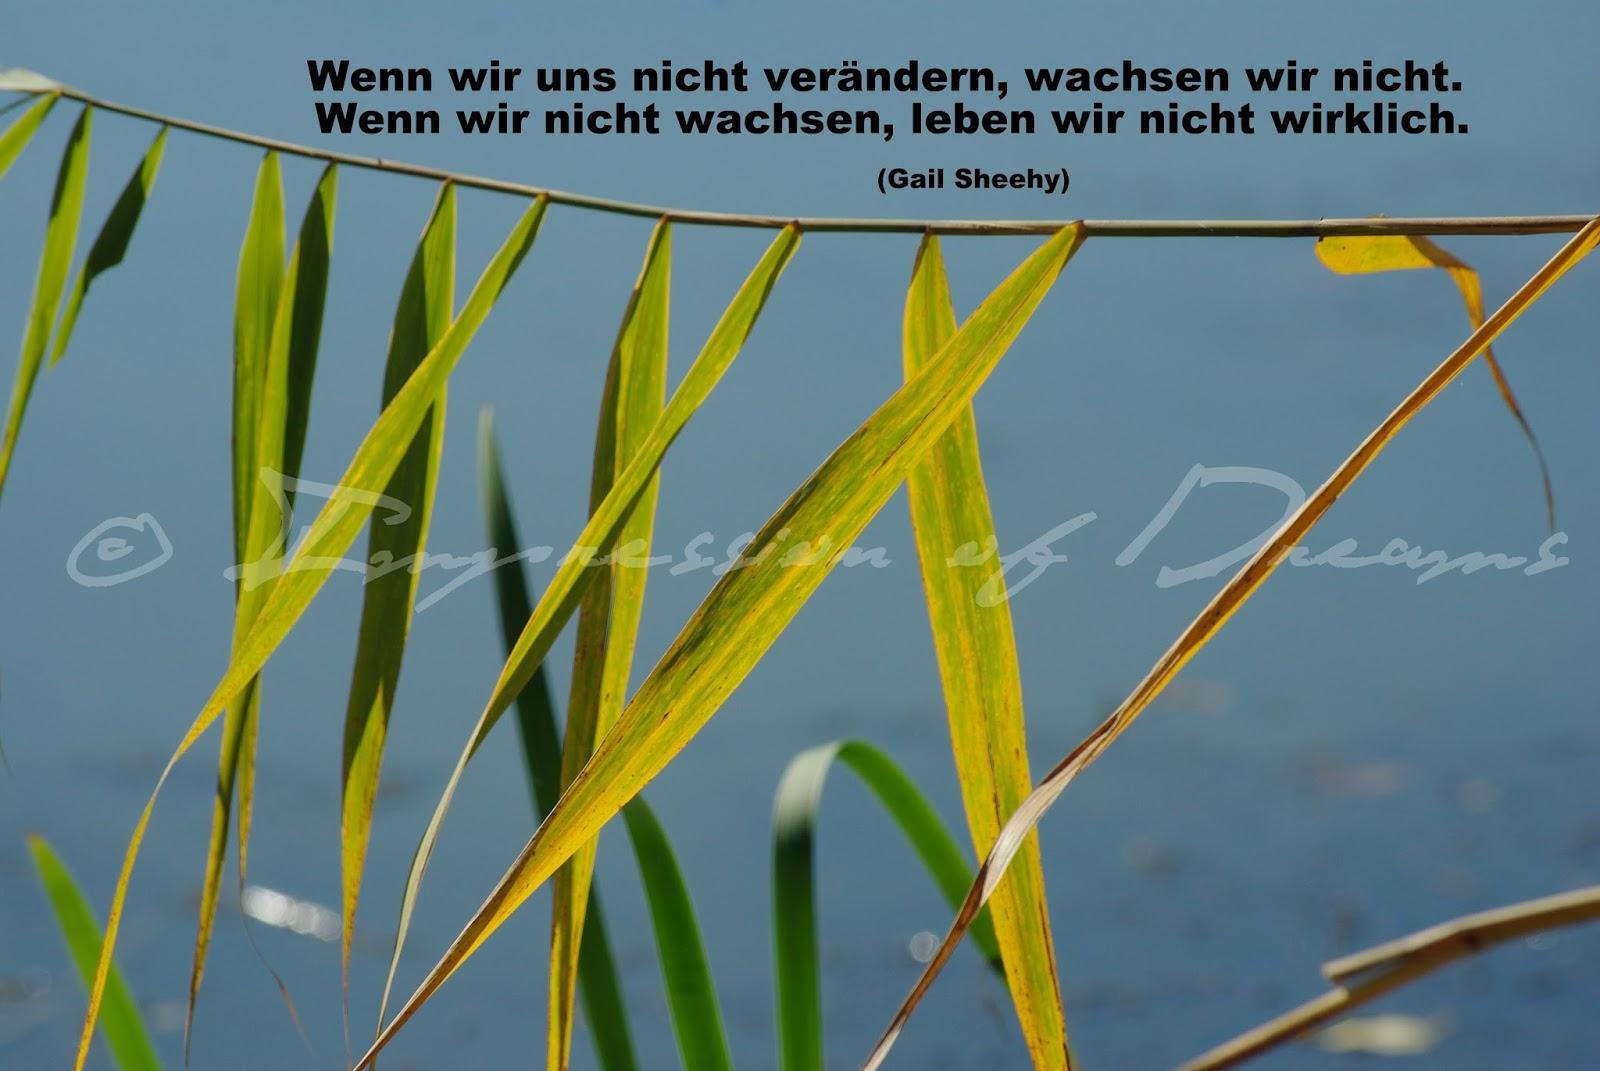 Wenn wir uns nicht verändern, wachsen wir nicht. Wenn wir nicht wachsen, leben wir nicht wirklich.